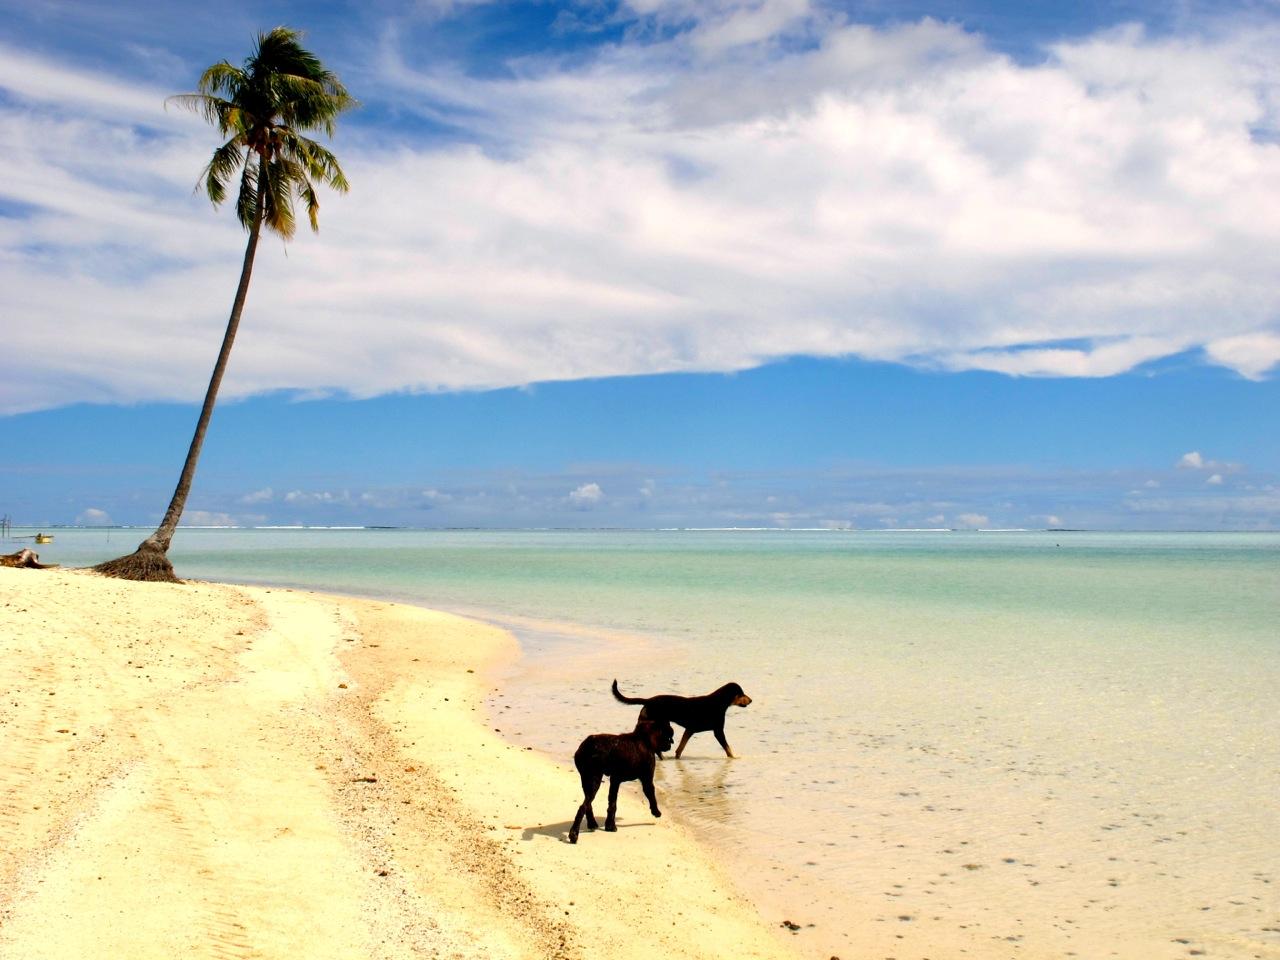 French Polynesia beaches